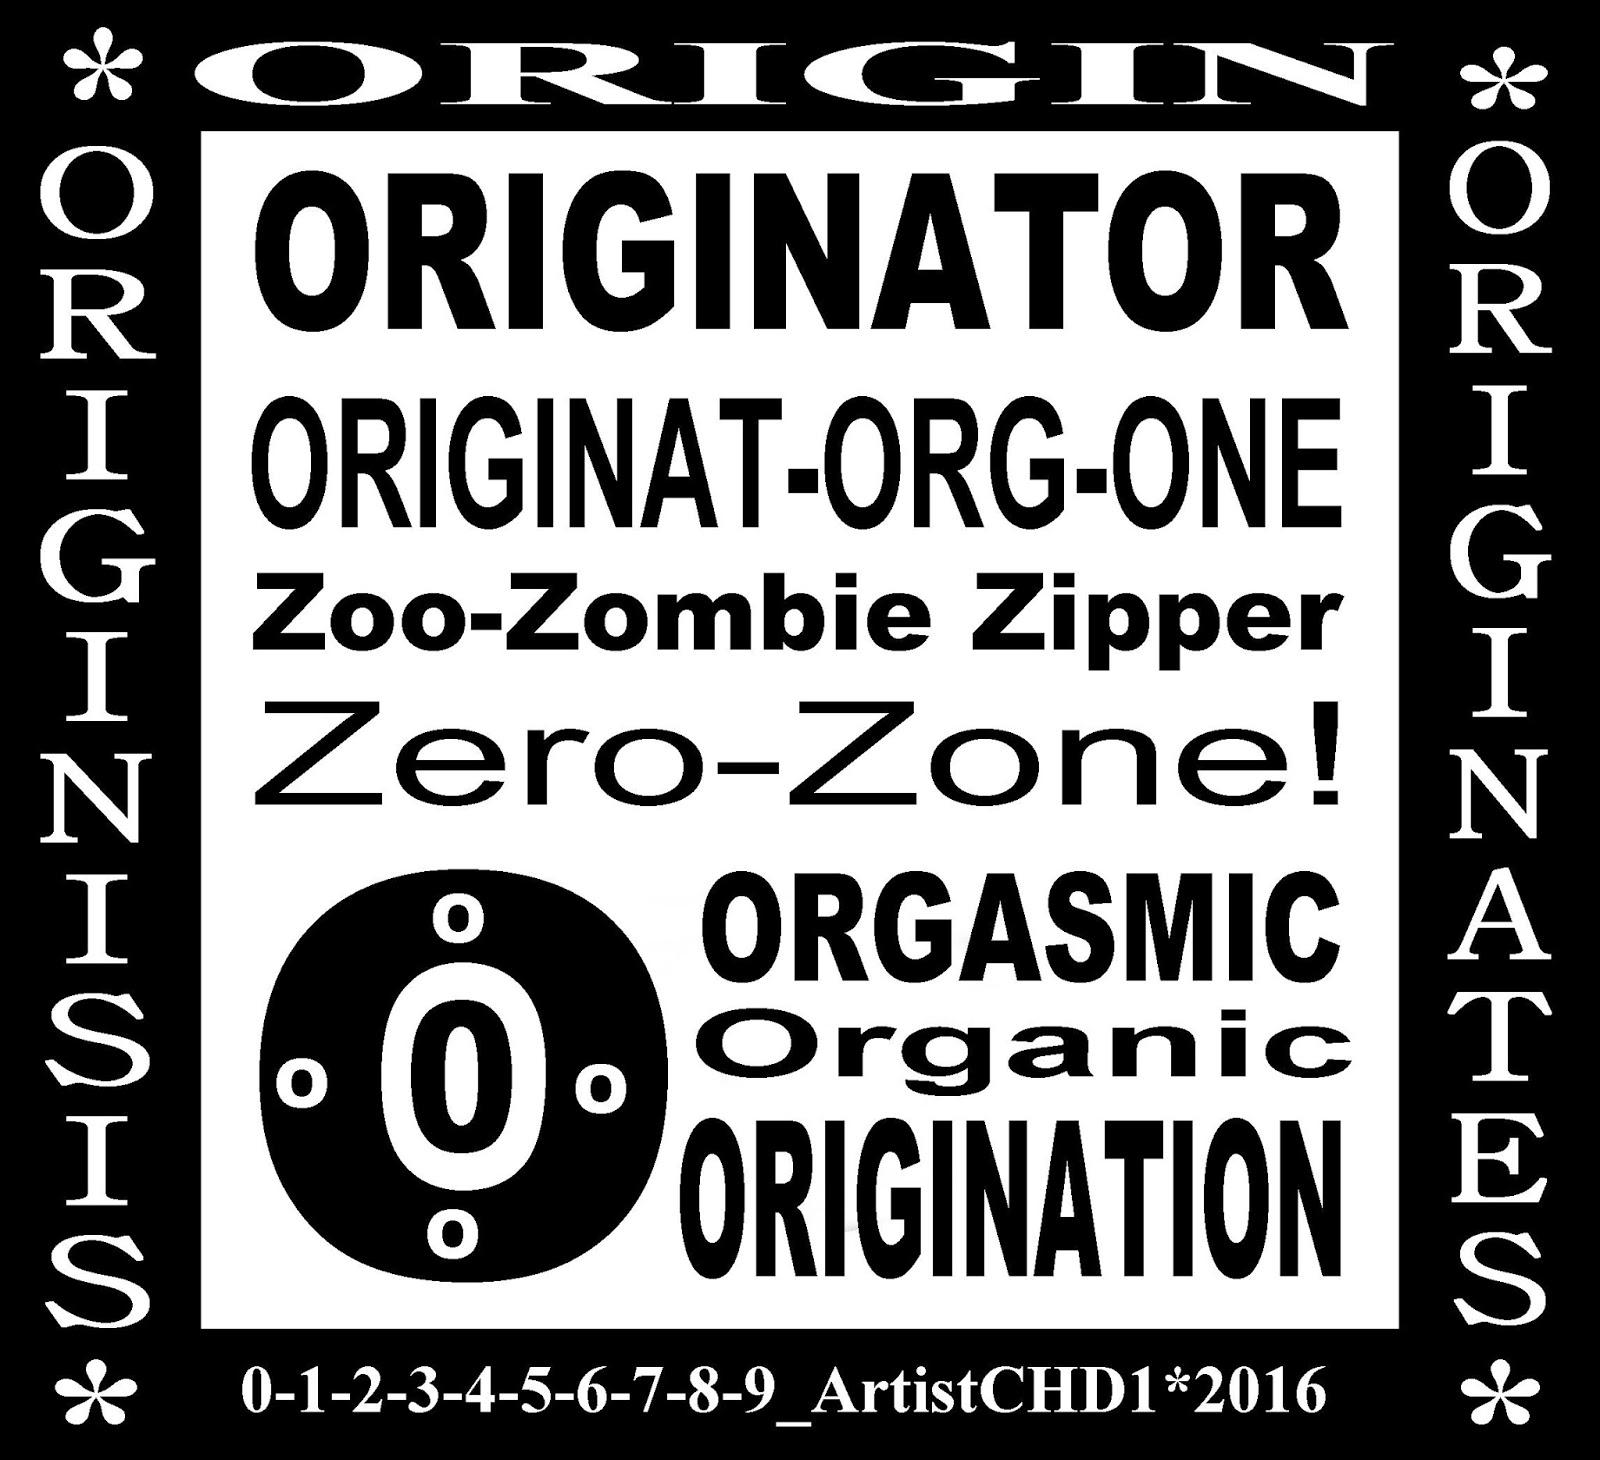 Fallout 3 Sexus regarding originator = omnipresent orgasmic originat-org-one